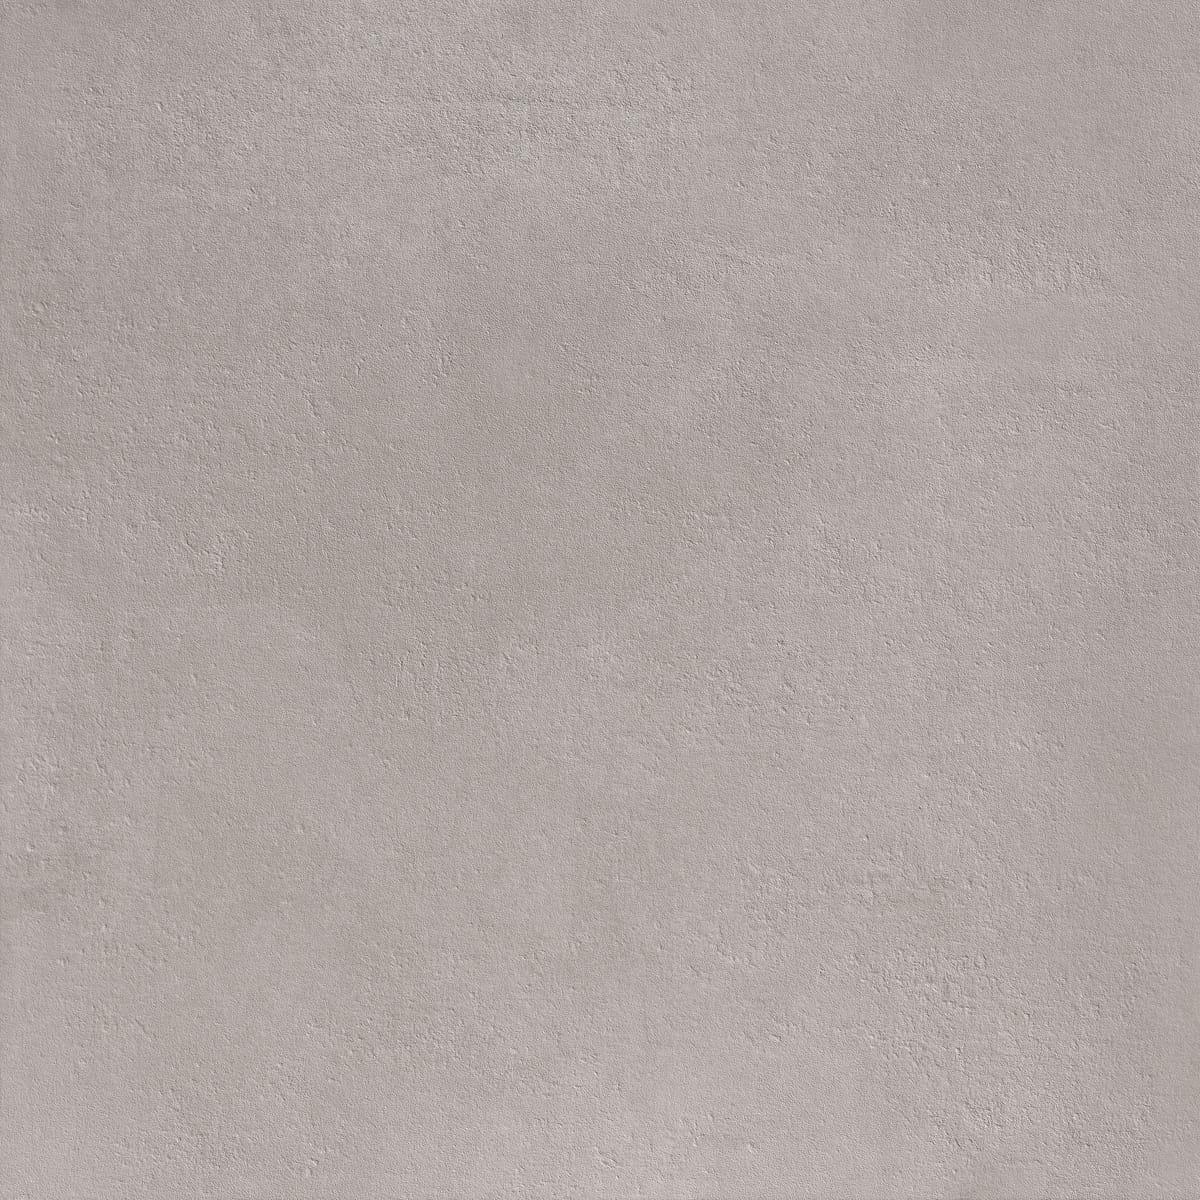 FOTO vulcano grey rec ant 59x59